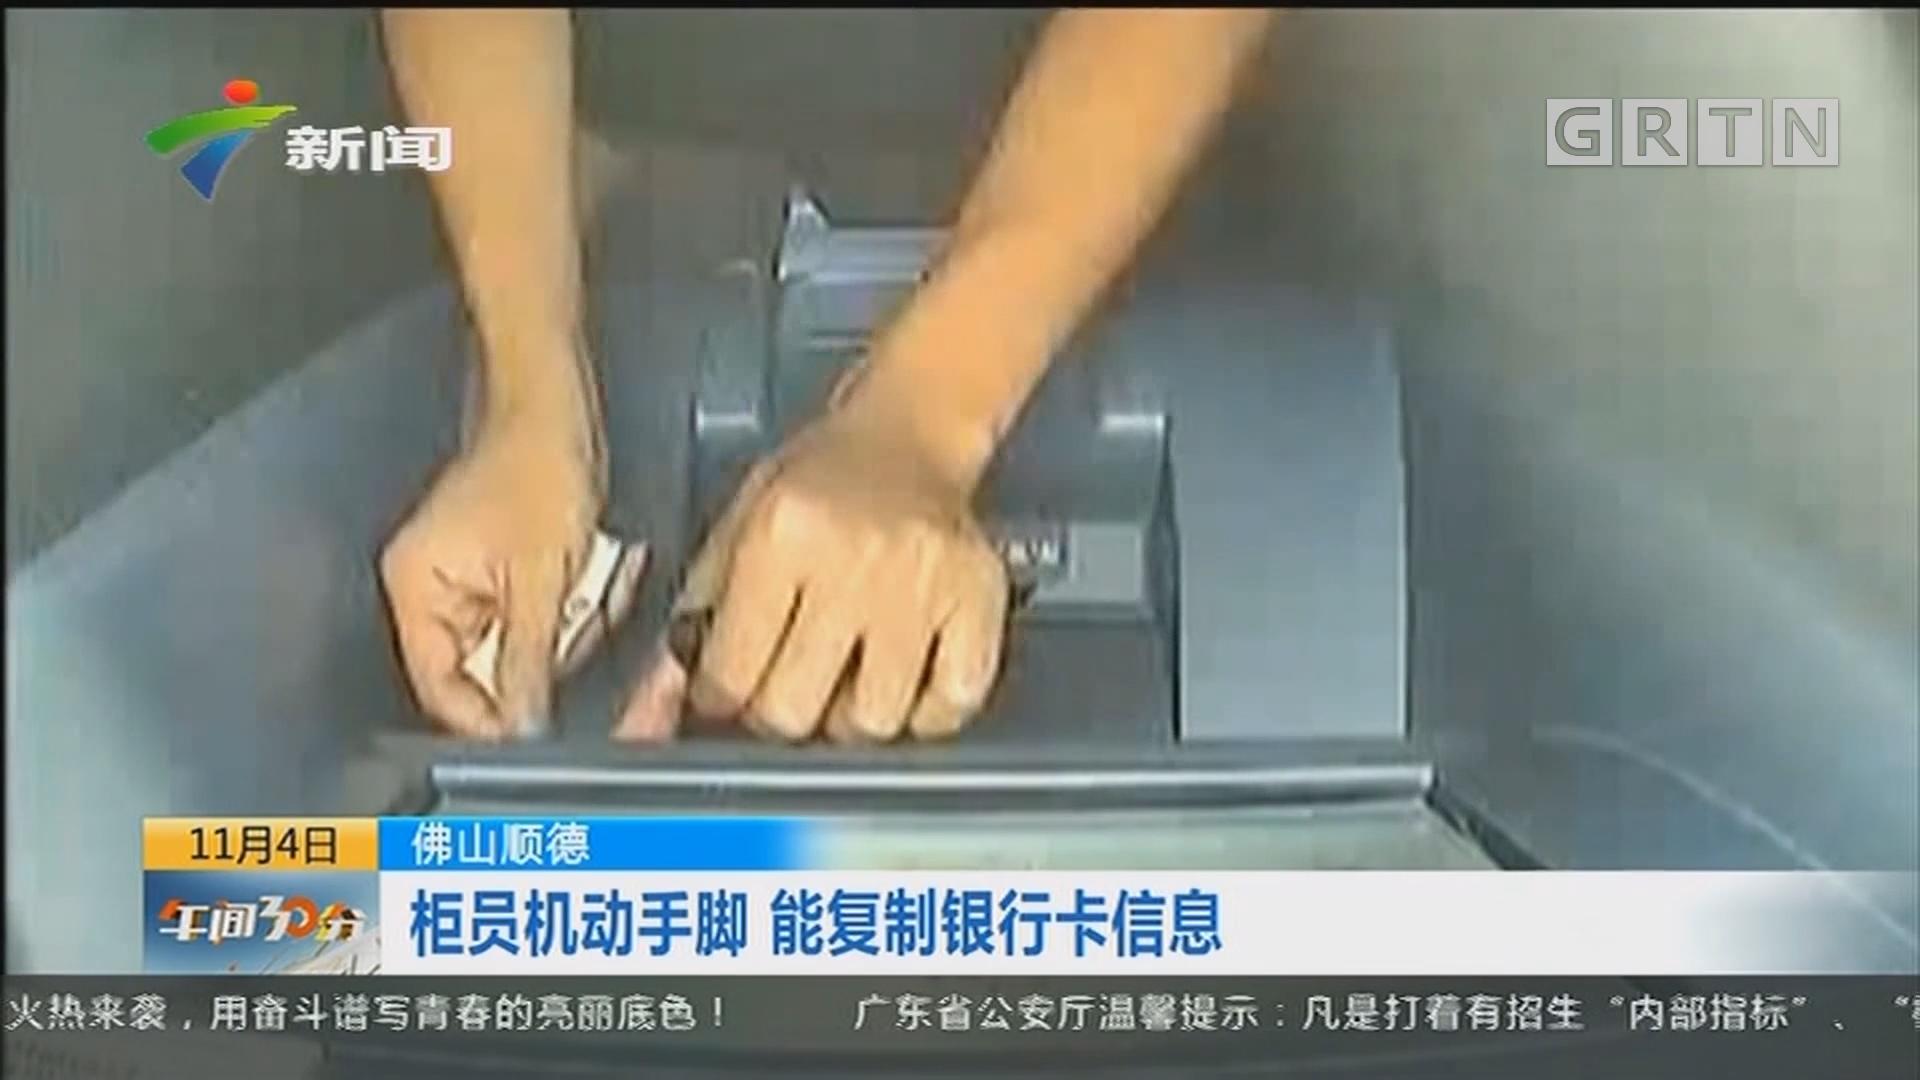 佛山顺德:柜员机动手脚 能复制银行卡信息